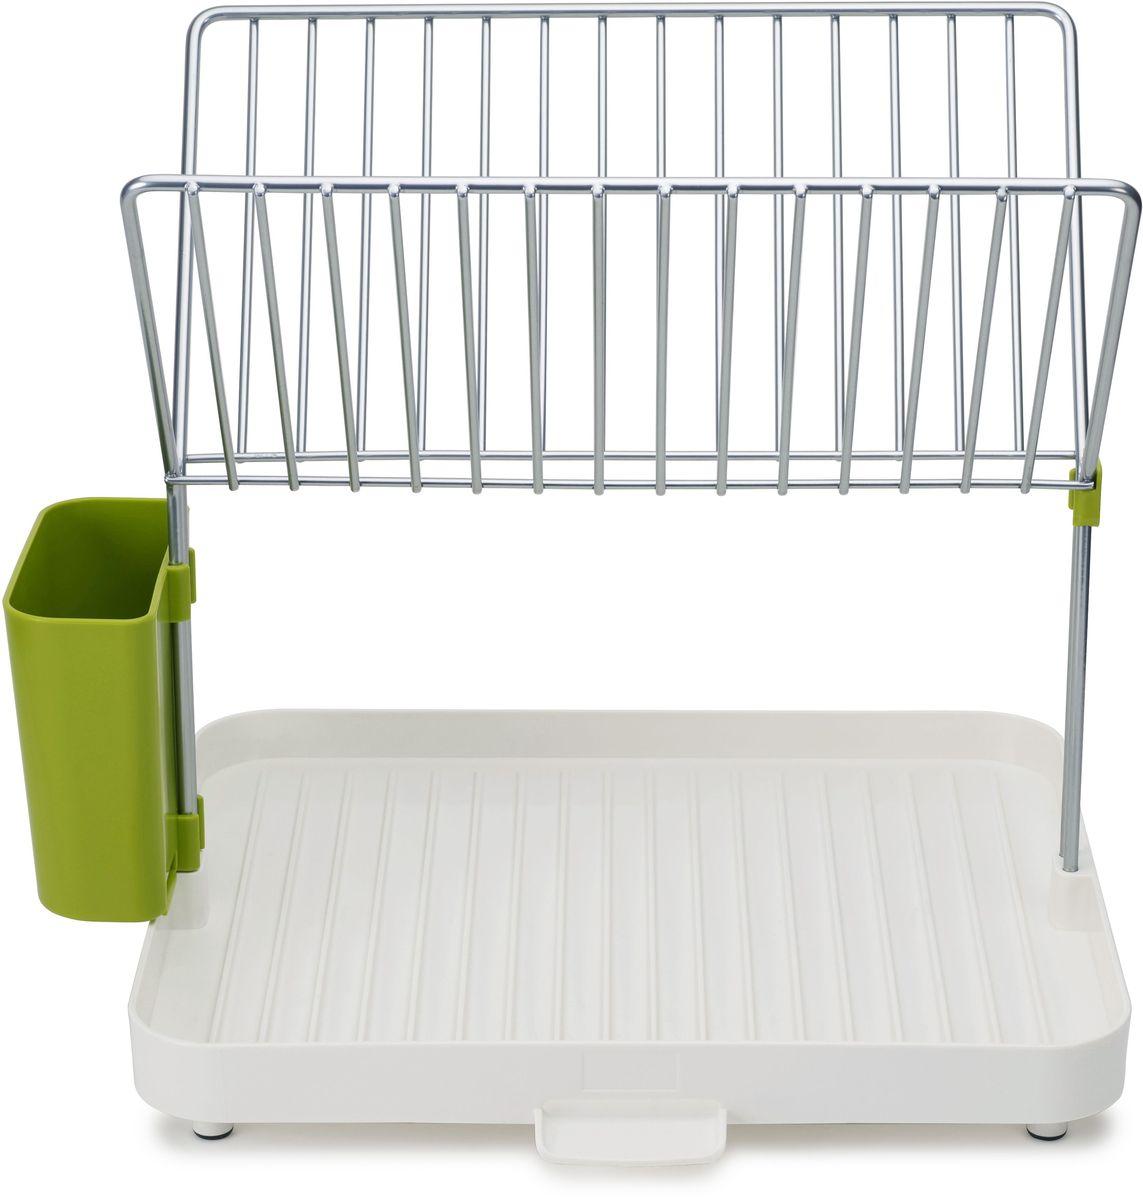 Сушилка для посуды и столовых приборов Joseph Joseph Y-rack, 2-уровневая, со сливом, 36,5 х 30,4 х 28,2 смПЦ1556МРСушилка для посуды и столовых приборов Joseph Joseph Y-rack- эргономичная сушилка для посуды, позволяющая сэкономить место на кухне. Двухуровневая конструкция состоит из устойчивого основания для кастрюль, сковородок и чашек и из верхней решетки, вмещающей до 15 тарелок и блюдец. Объемное отделение со сливом предоставляет возможность тщательно осушить до 4 комплектов посуды — и все это на минимальном участке пространства. Вода свободно стекает по желобкам, расположенным у основания под наклоном, а встроенный носик позволяет быстро сливать жидкость прямо в раковину. Нескользящие ножки обеспечивают устойчивость. Конструкция разбирается на части для легкой очистки.Инструкции по сборке идут в комплекте.